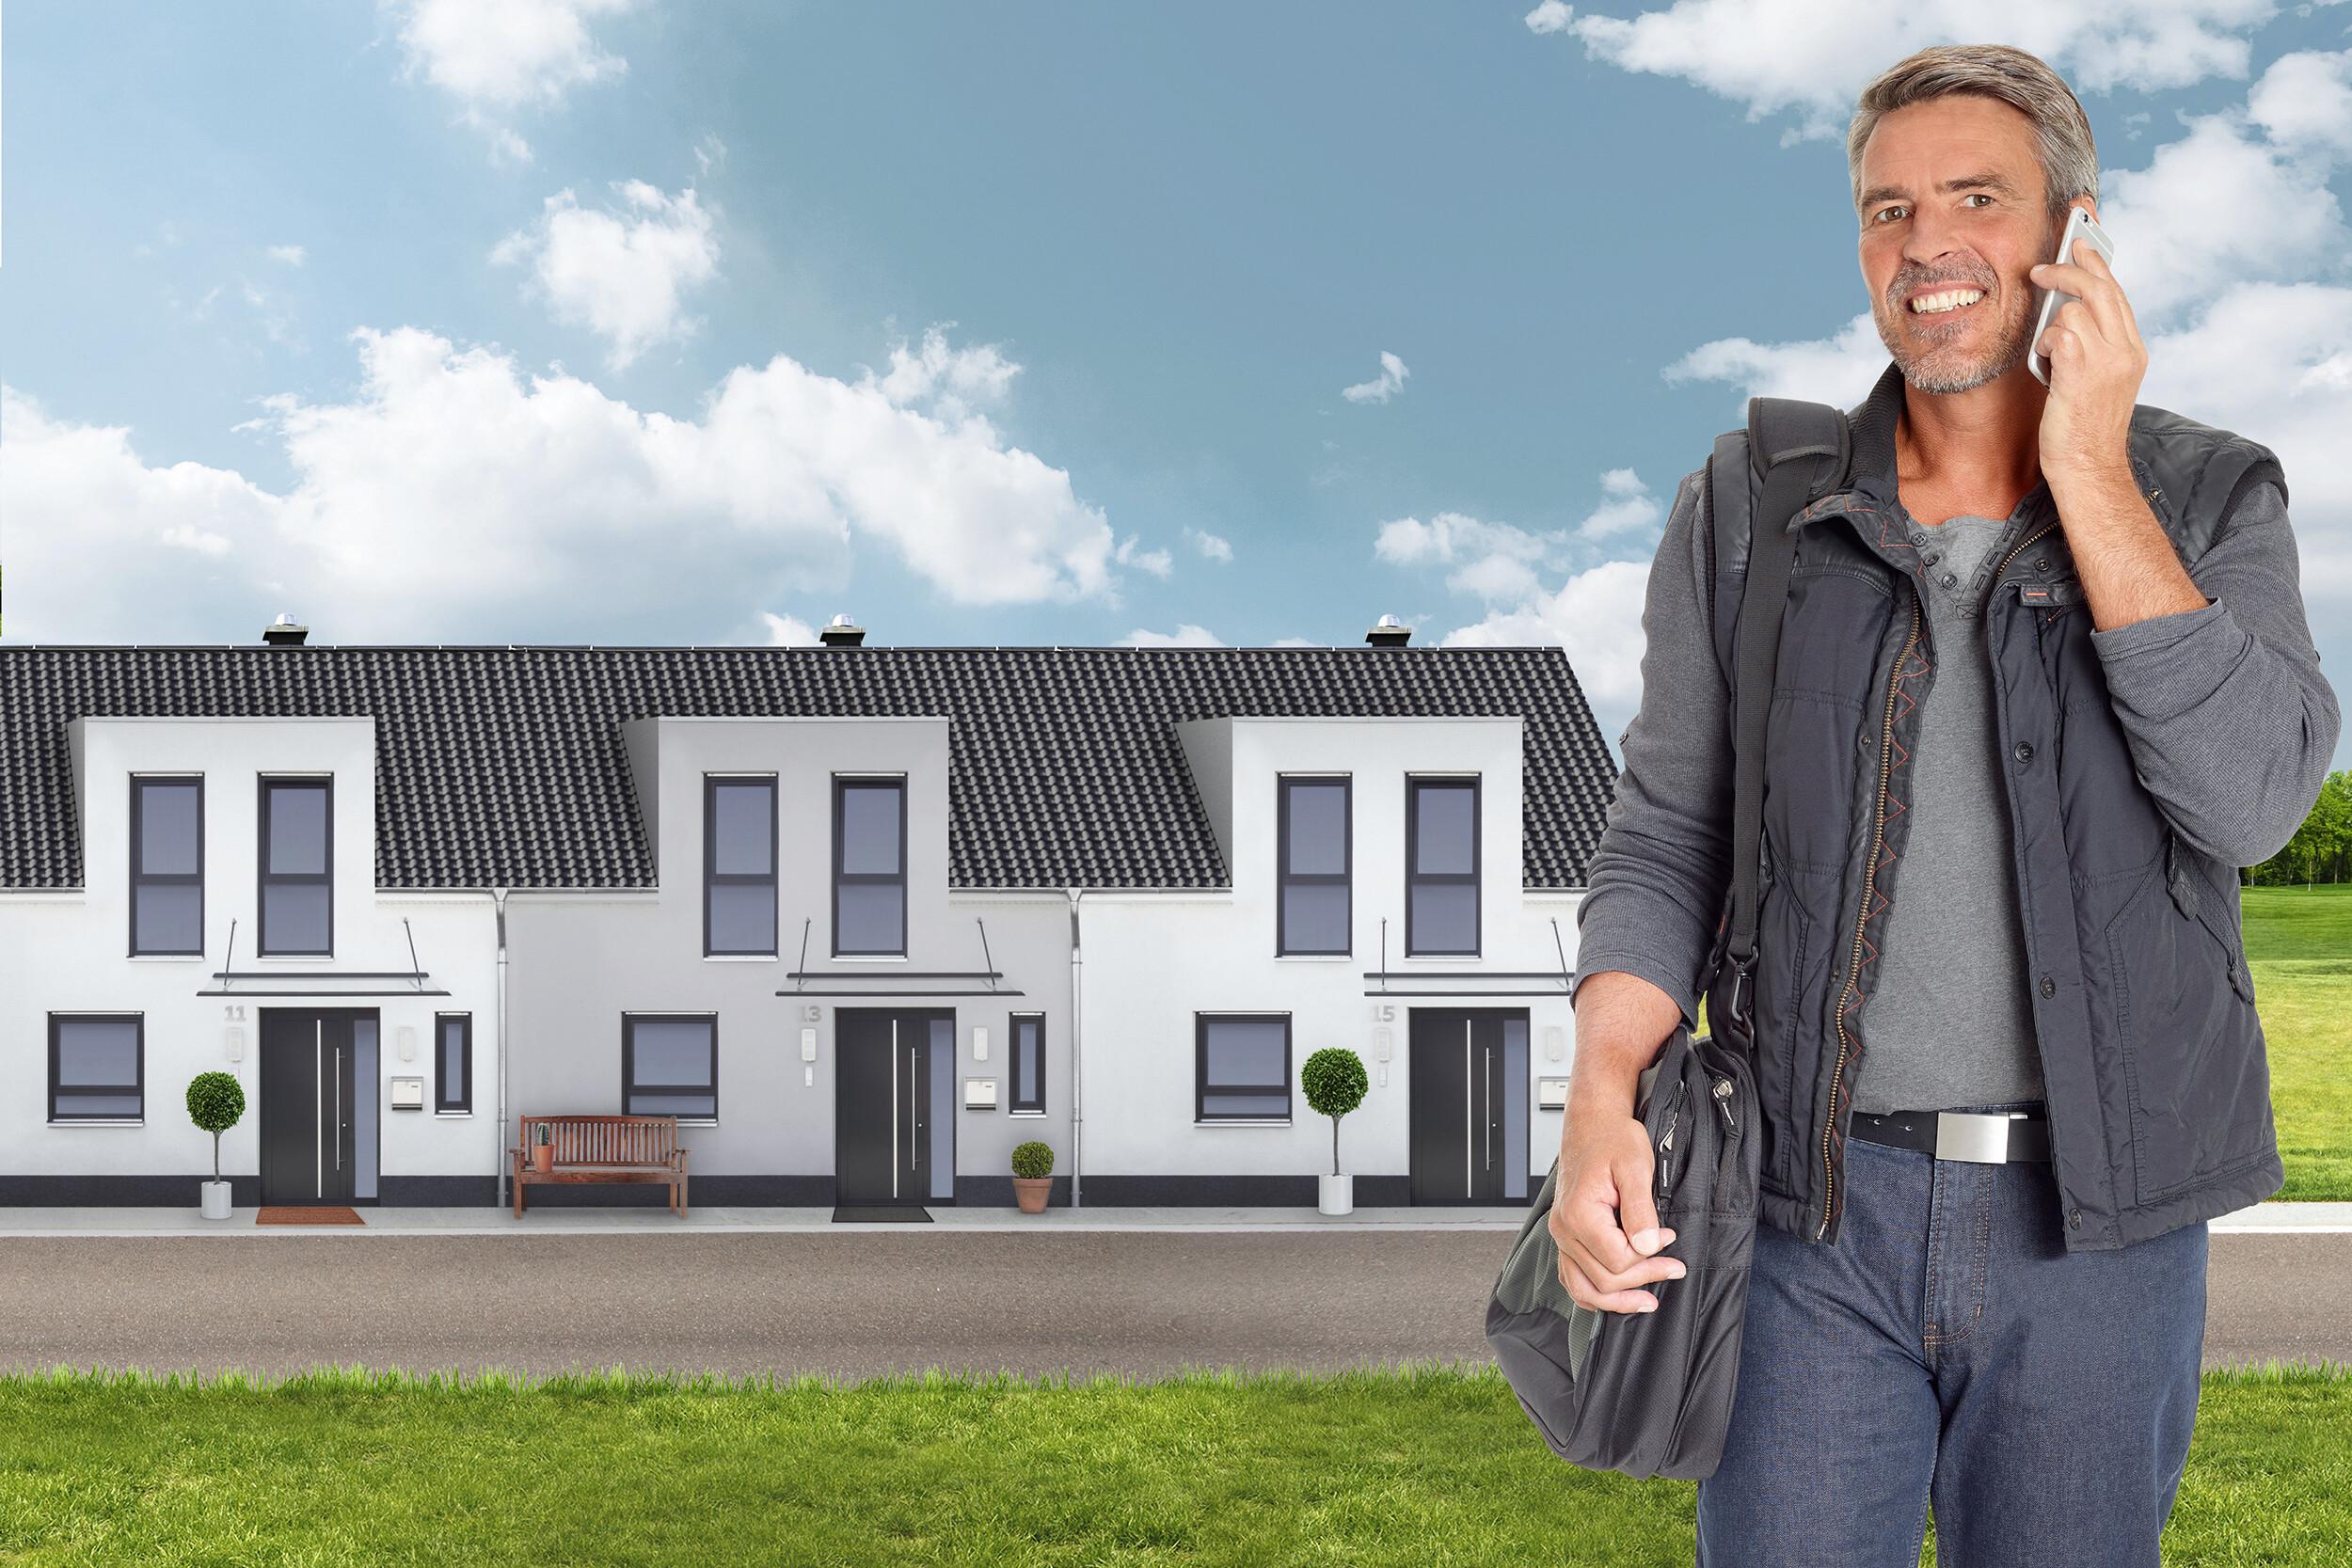 Haus- und Wohnungsbauunternehmen